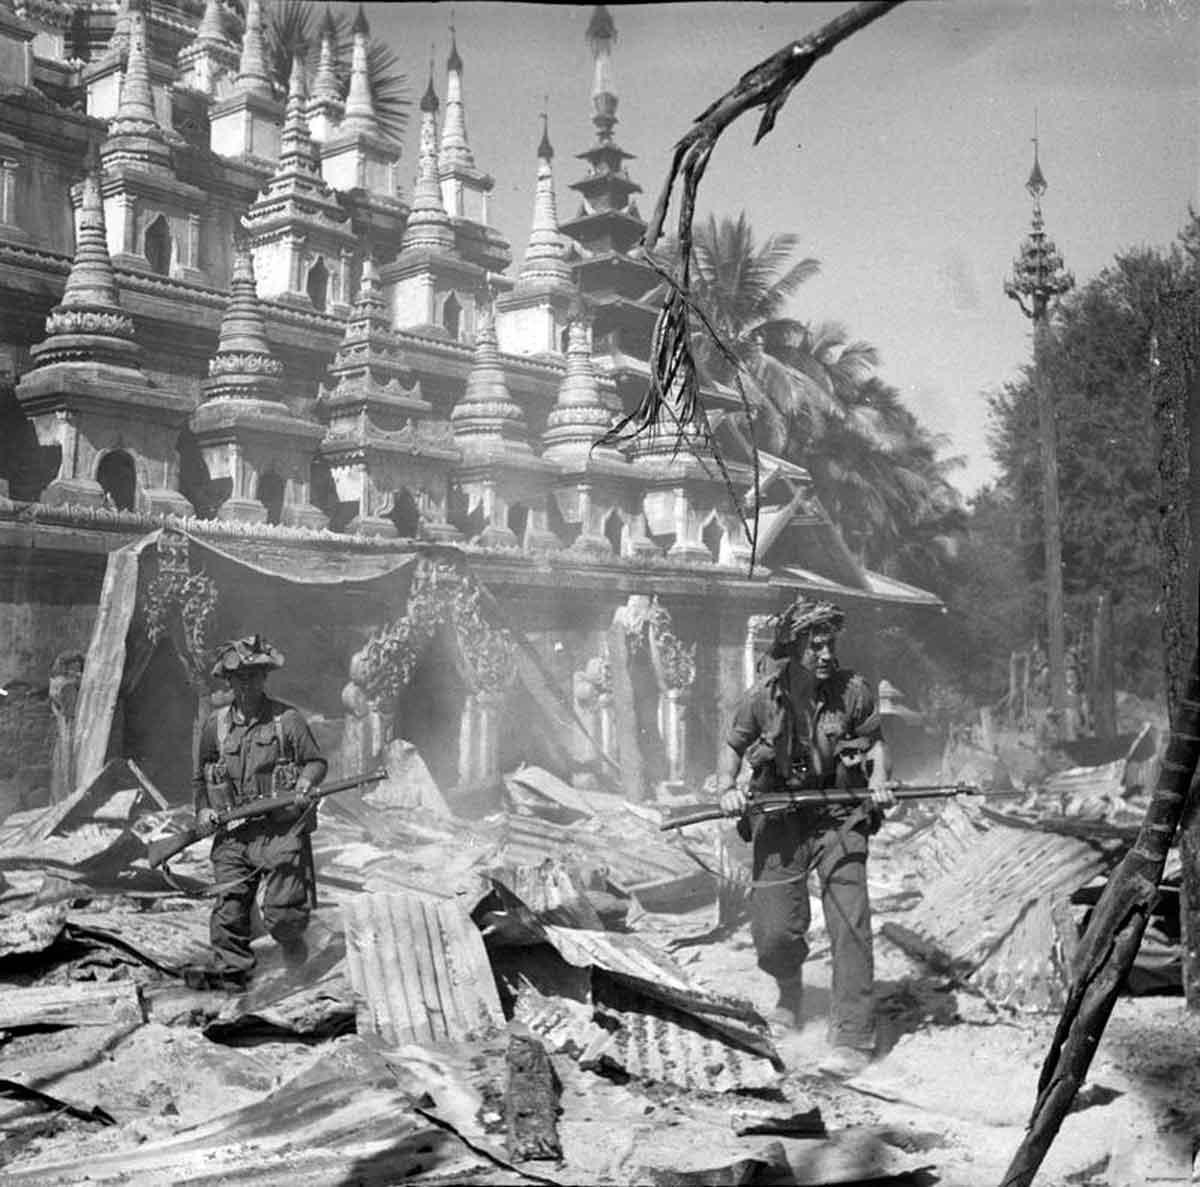 Бирманская кампания - сражения в джунглях